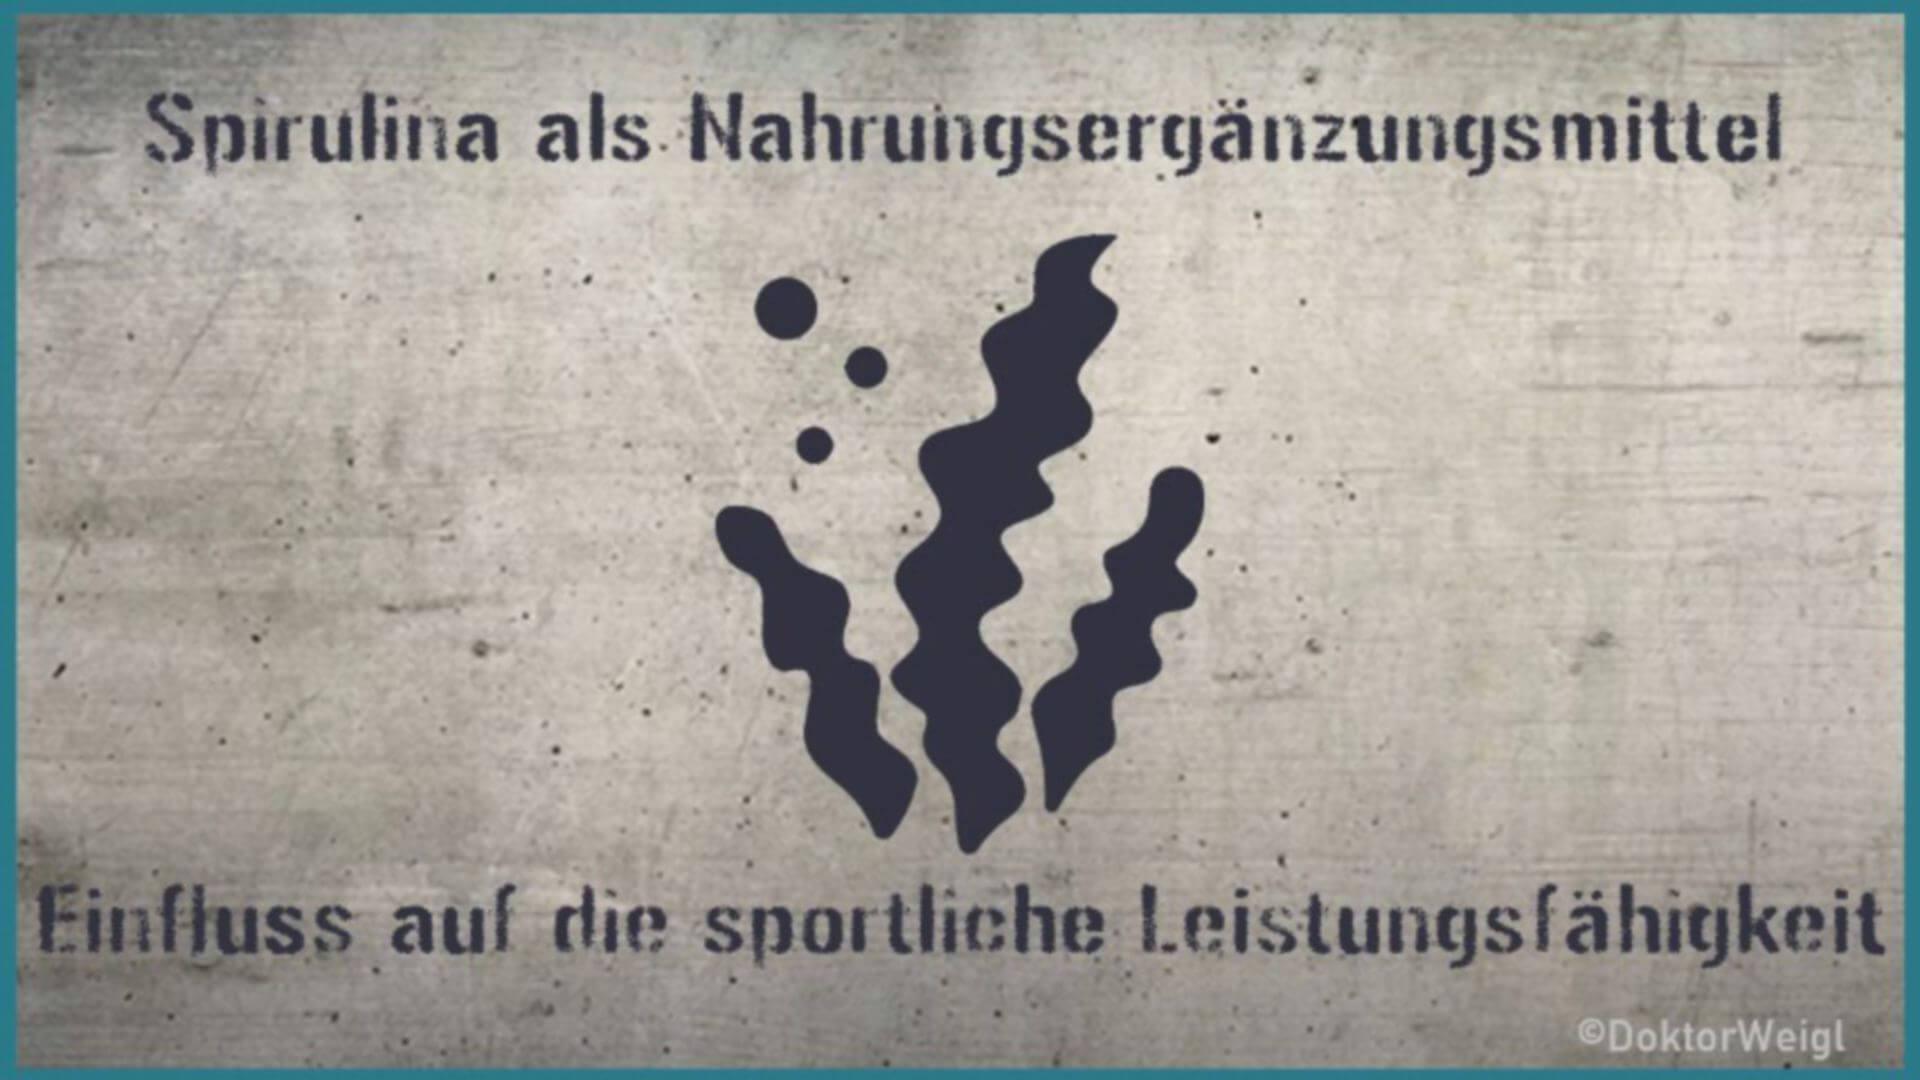 Steigert Spirulina die sportliche Leistungsfähigkeit?